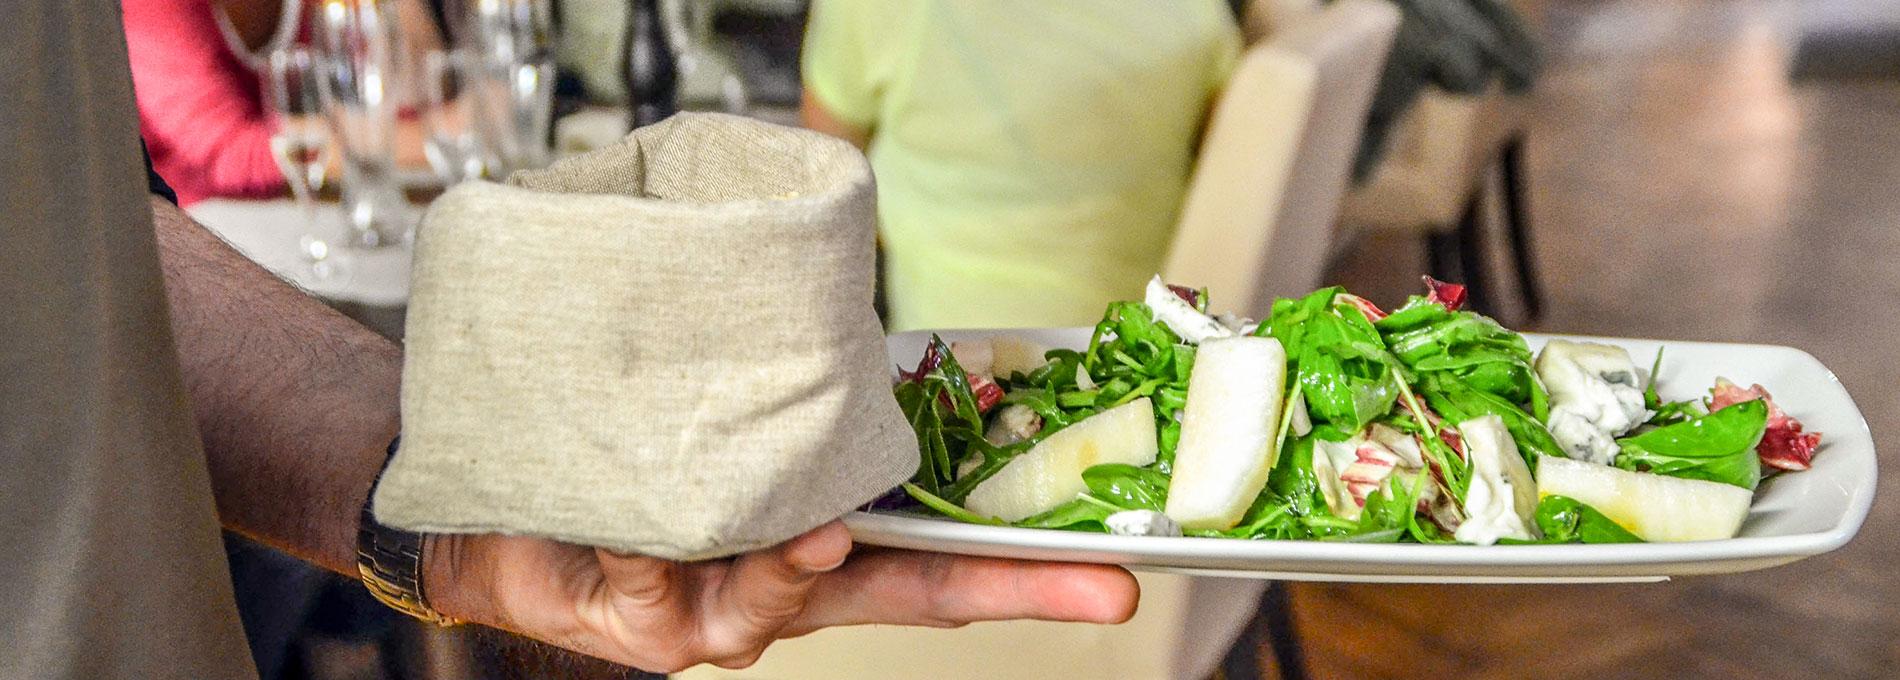 Speisen & Getränke - Italienisch Essen - Catering - Torretta Landshut